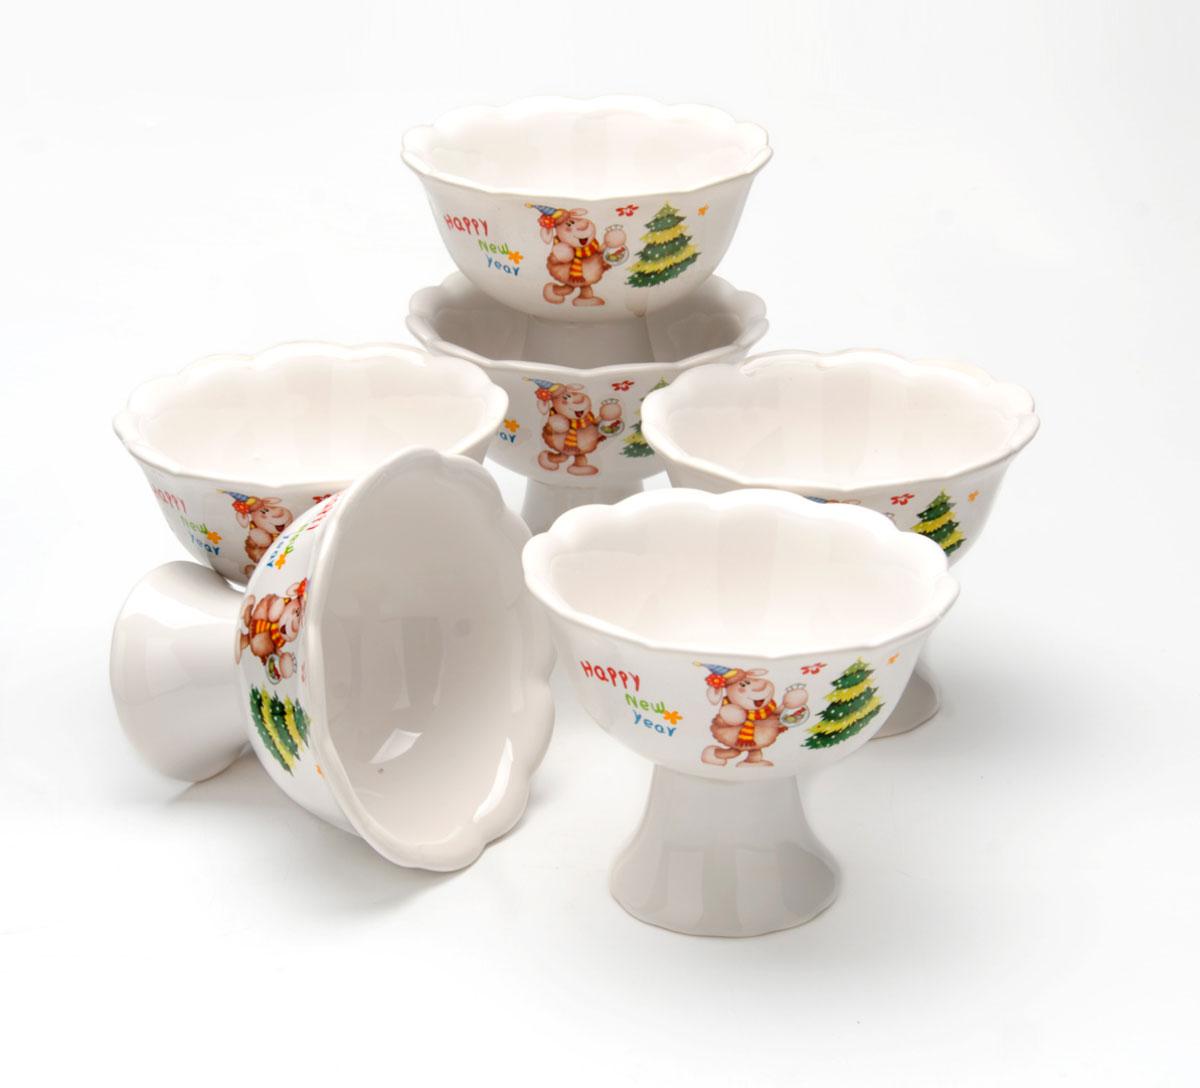 Набор креманок Loraine Барашек, 200 мл, 6 предметов104304Набор Барашек состоит из шести креманок, изготовленных из прочной керамики высоково качества. Они предназначены для красивой сервировки десертов и мороженного. Такой набор украсит любой праздничный стол, а также может стать отличным подарком к любому празднику.